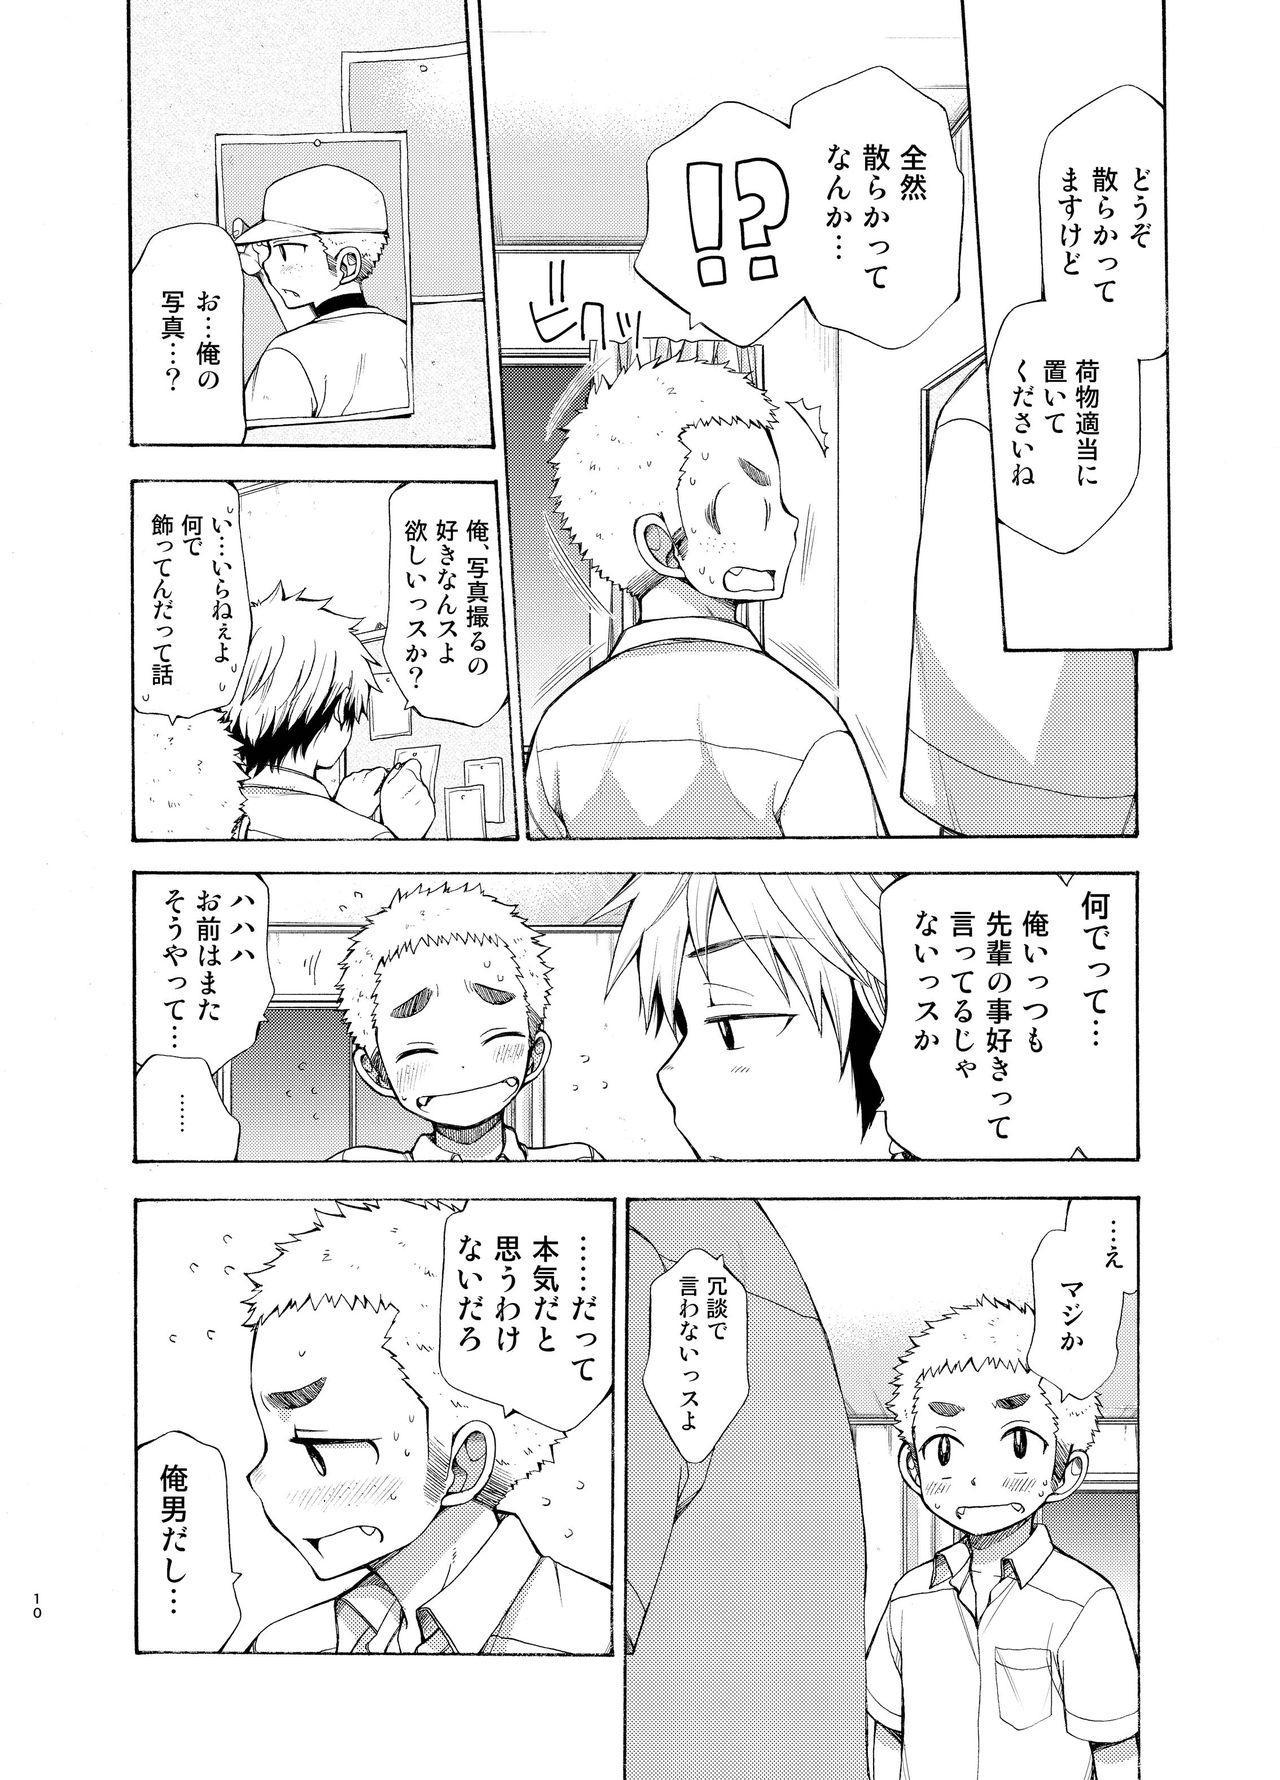 Yuuwaku ni Yowai Ore no Senpai 9